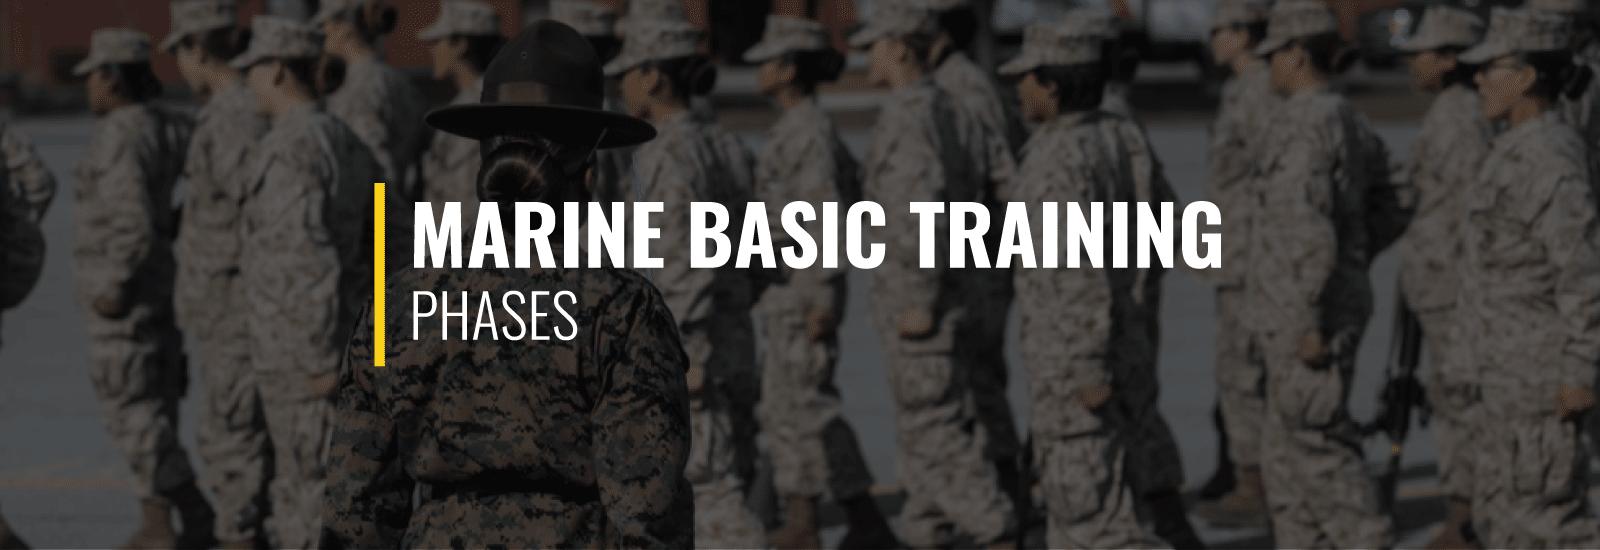 Marine Basic Training Phases